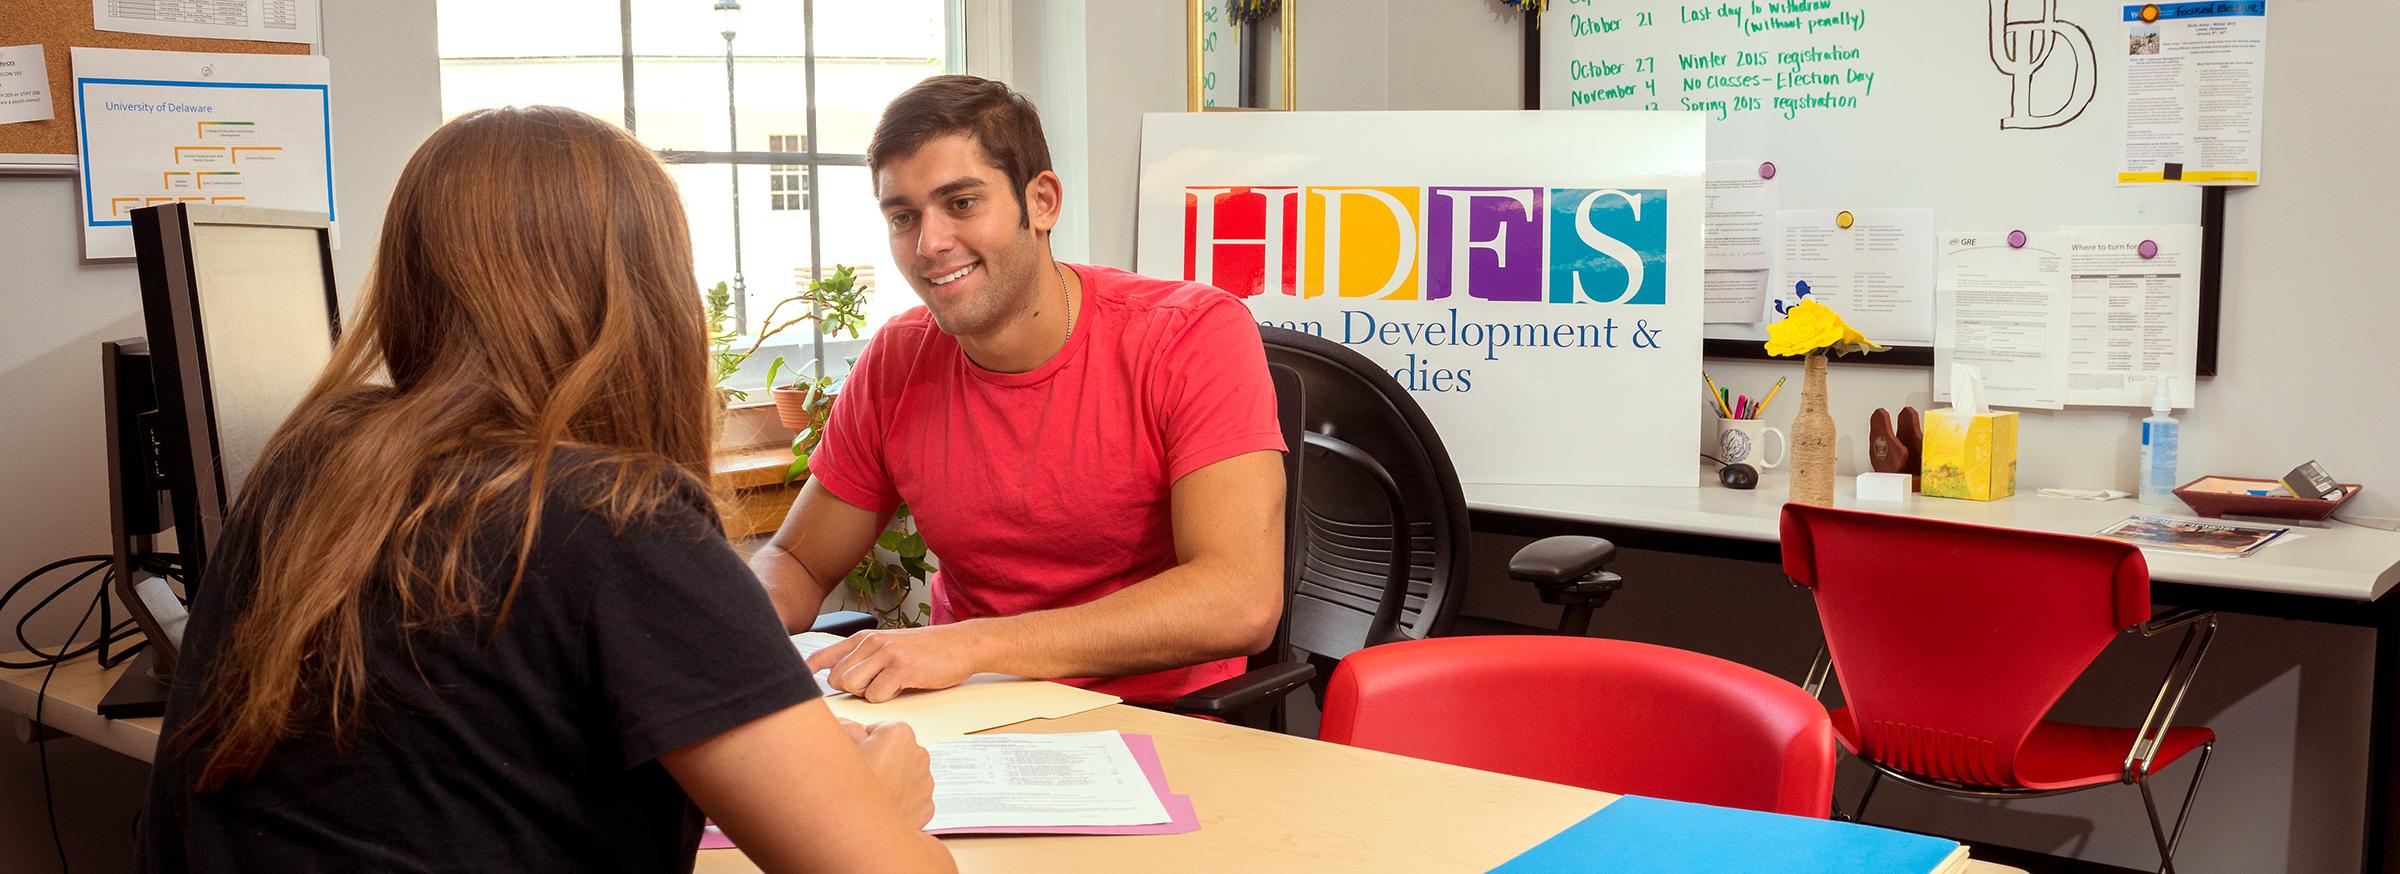 UD-HDFS-Academic-Advisement